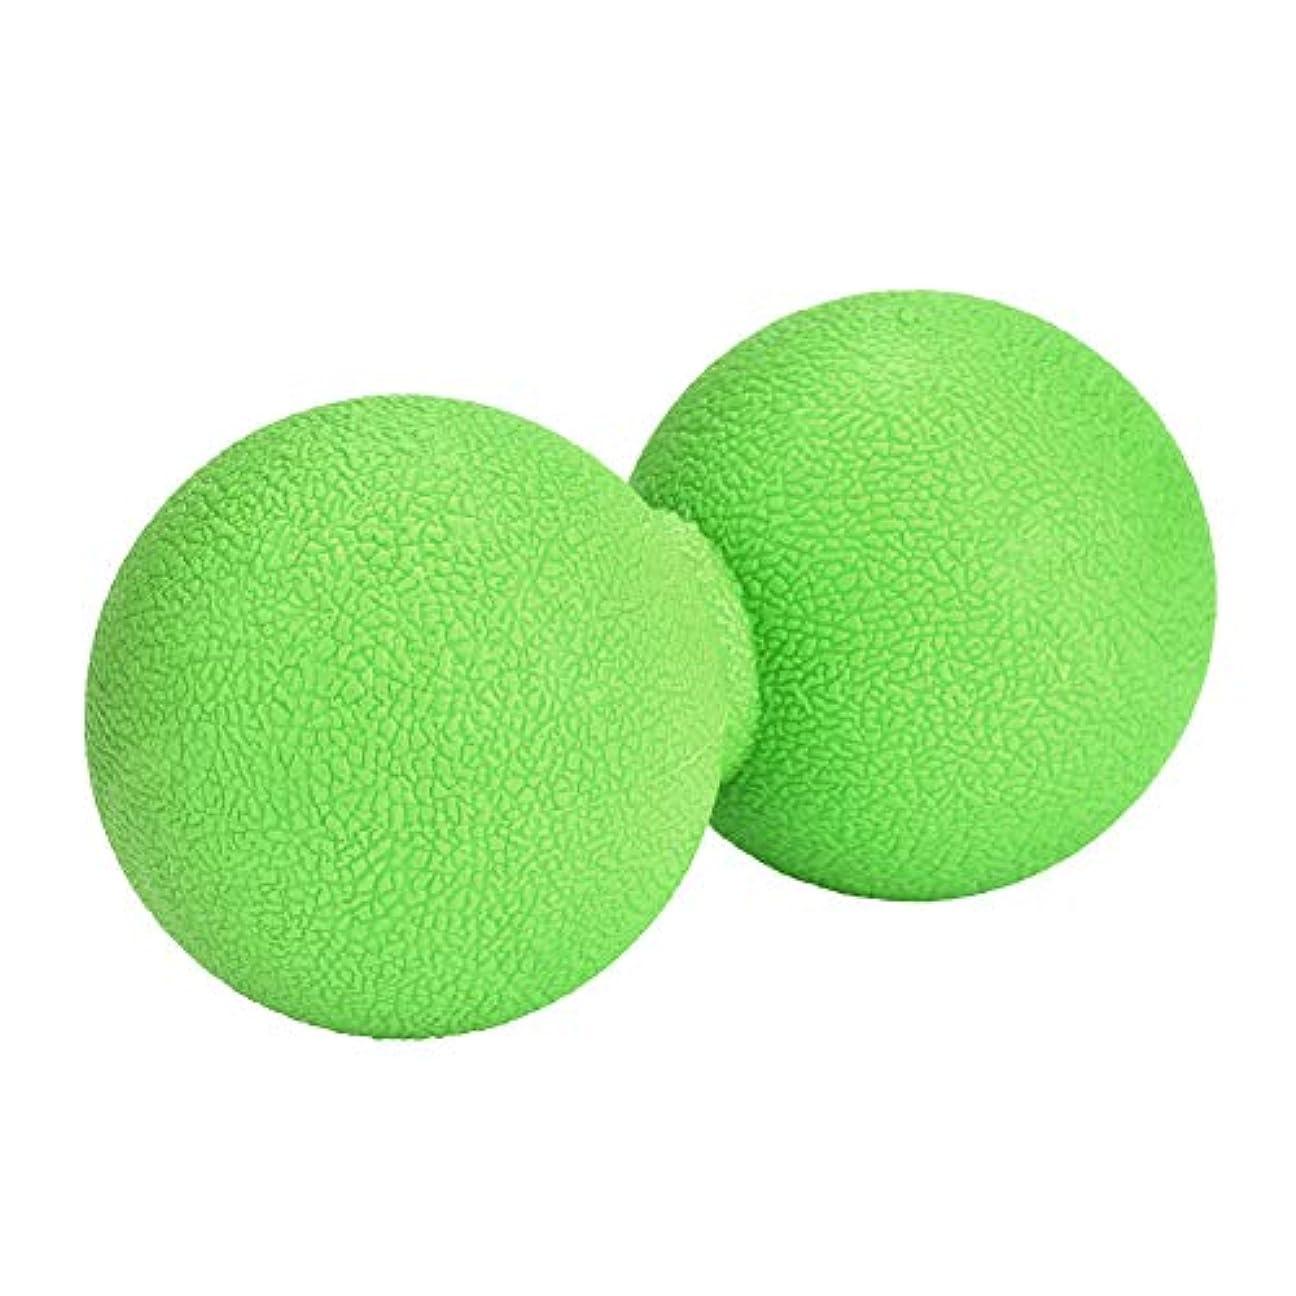 雑多な前売さらにマッサージボール ストレッチボール ピーナッツ型 ヨガボール 首 背中 肩こり 腰 ふくらはぎ 足裏 筋膜リリース トレーニング